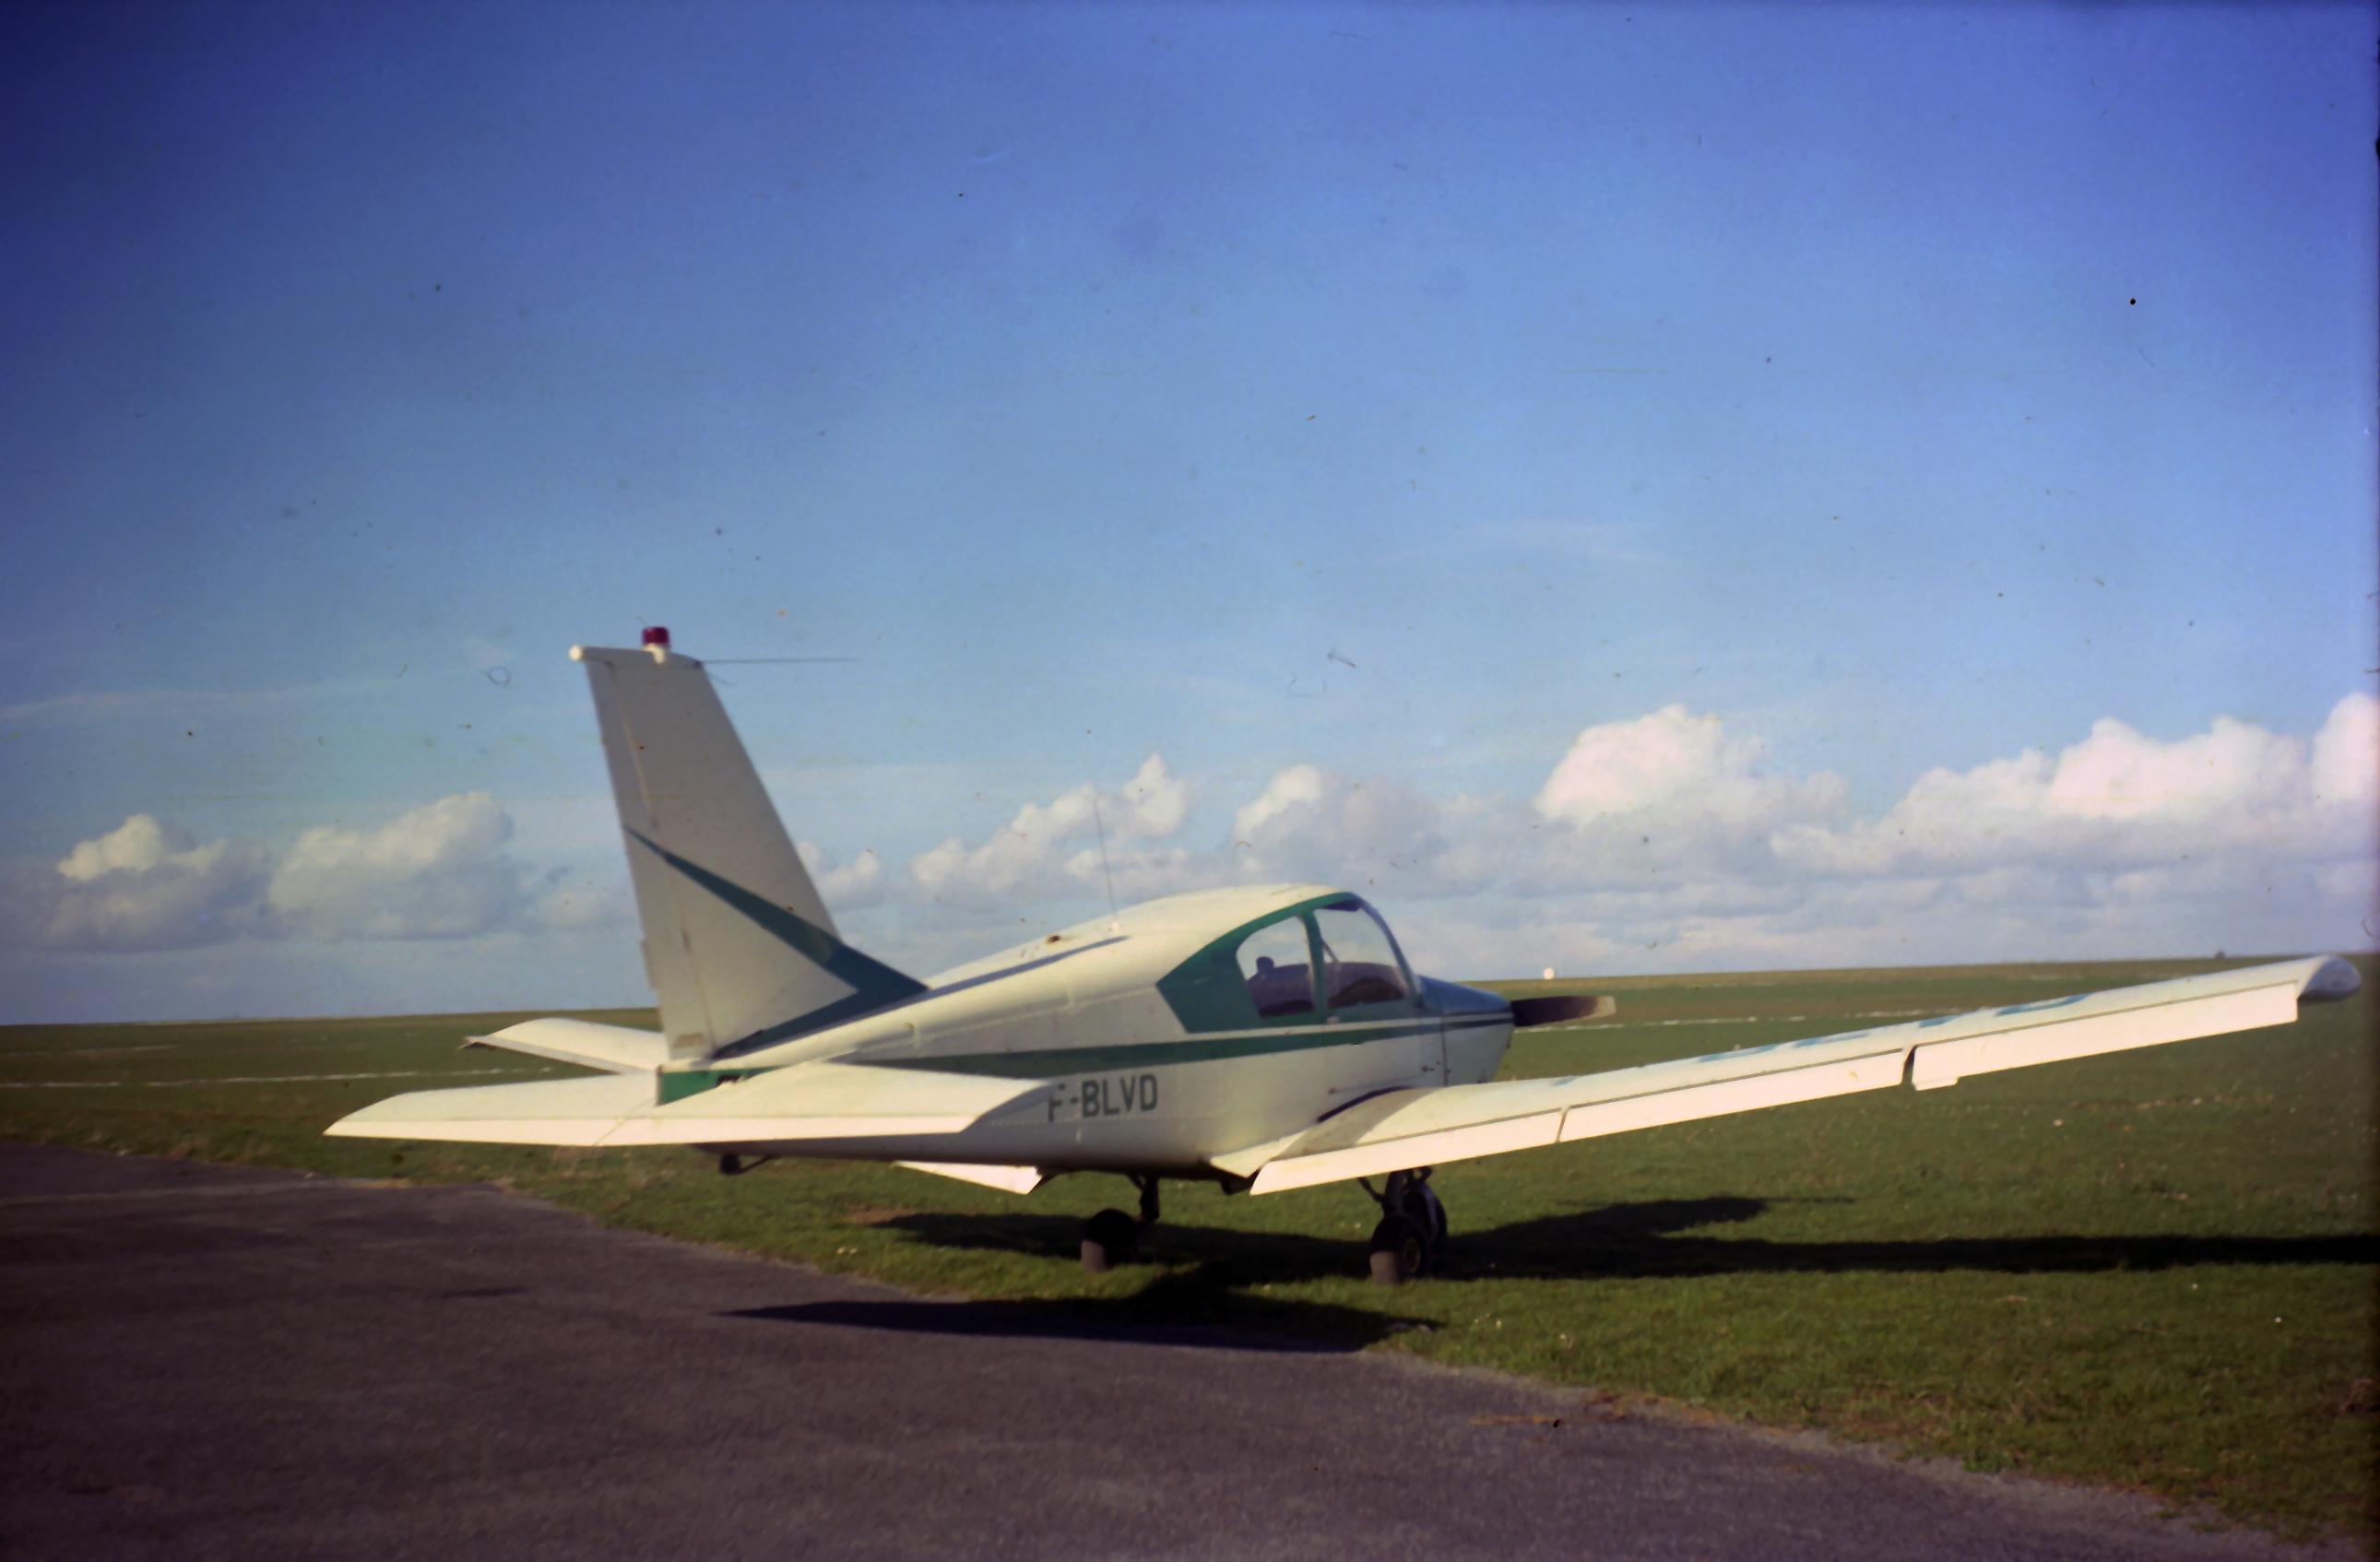 Trois morts dans l'accident d'un avion de tourisme